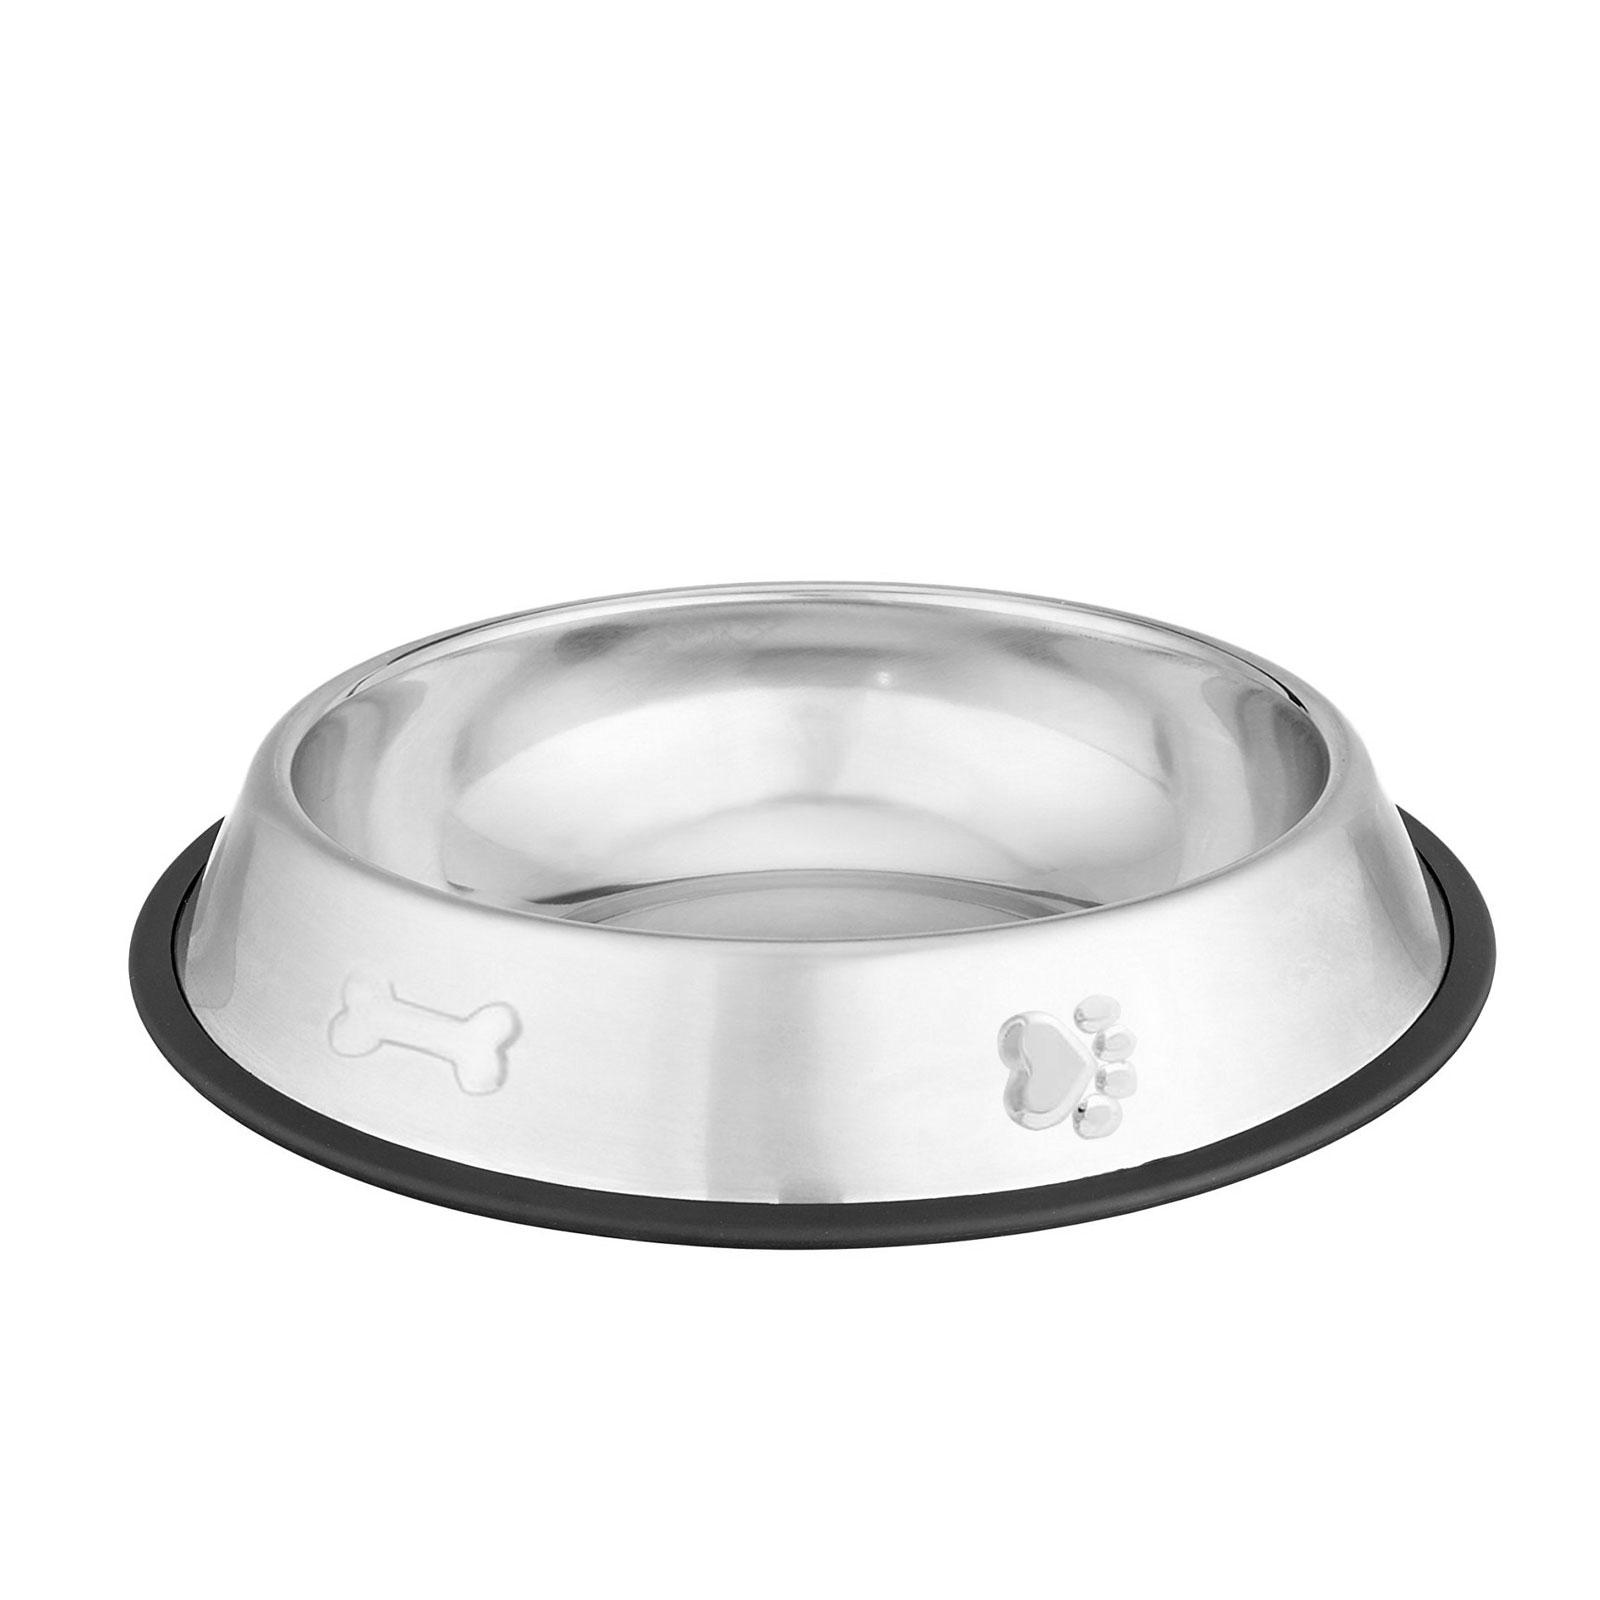 Edelstahl Hundenapf mit gummiertem Bodenrand 250ml Ø 12-16 cm